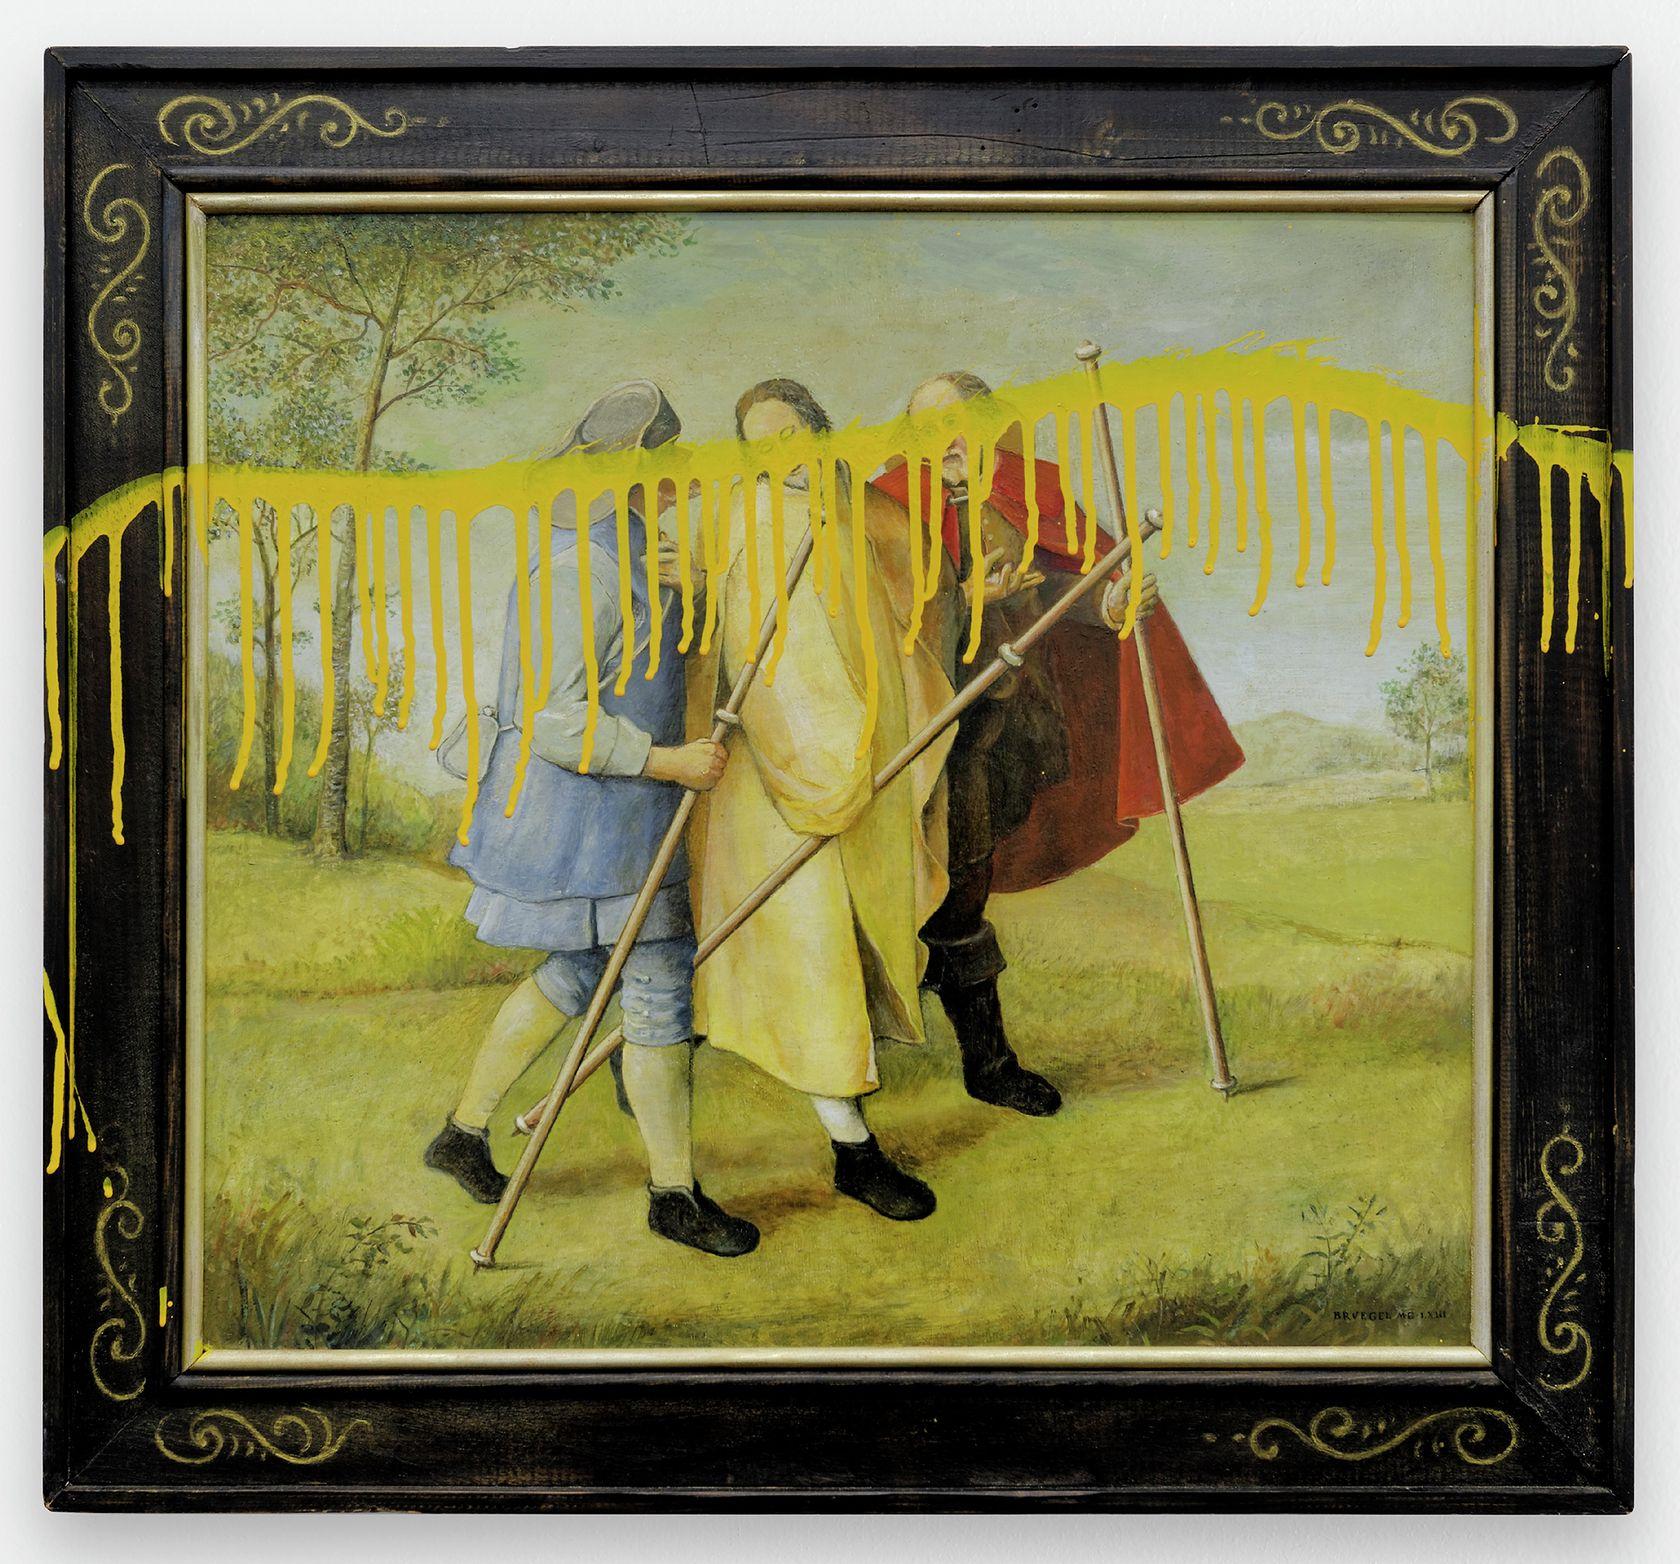 Ernest T., Brueghel vandalisé, 1997 Huile et laque sur bois59.8 × 66 cm / 23 1/2 × 26  in.